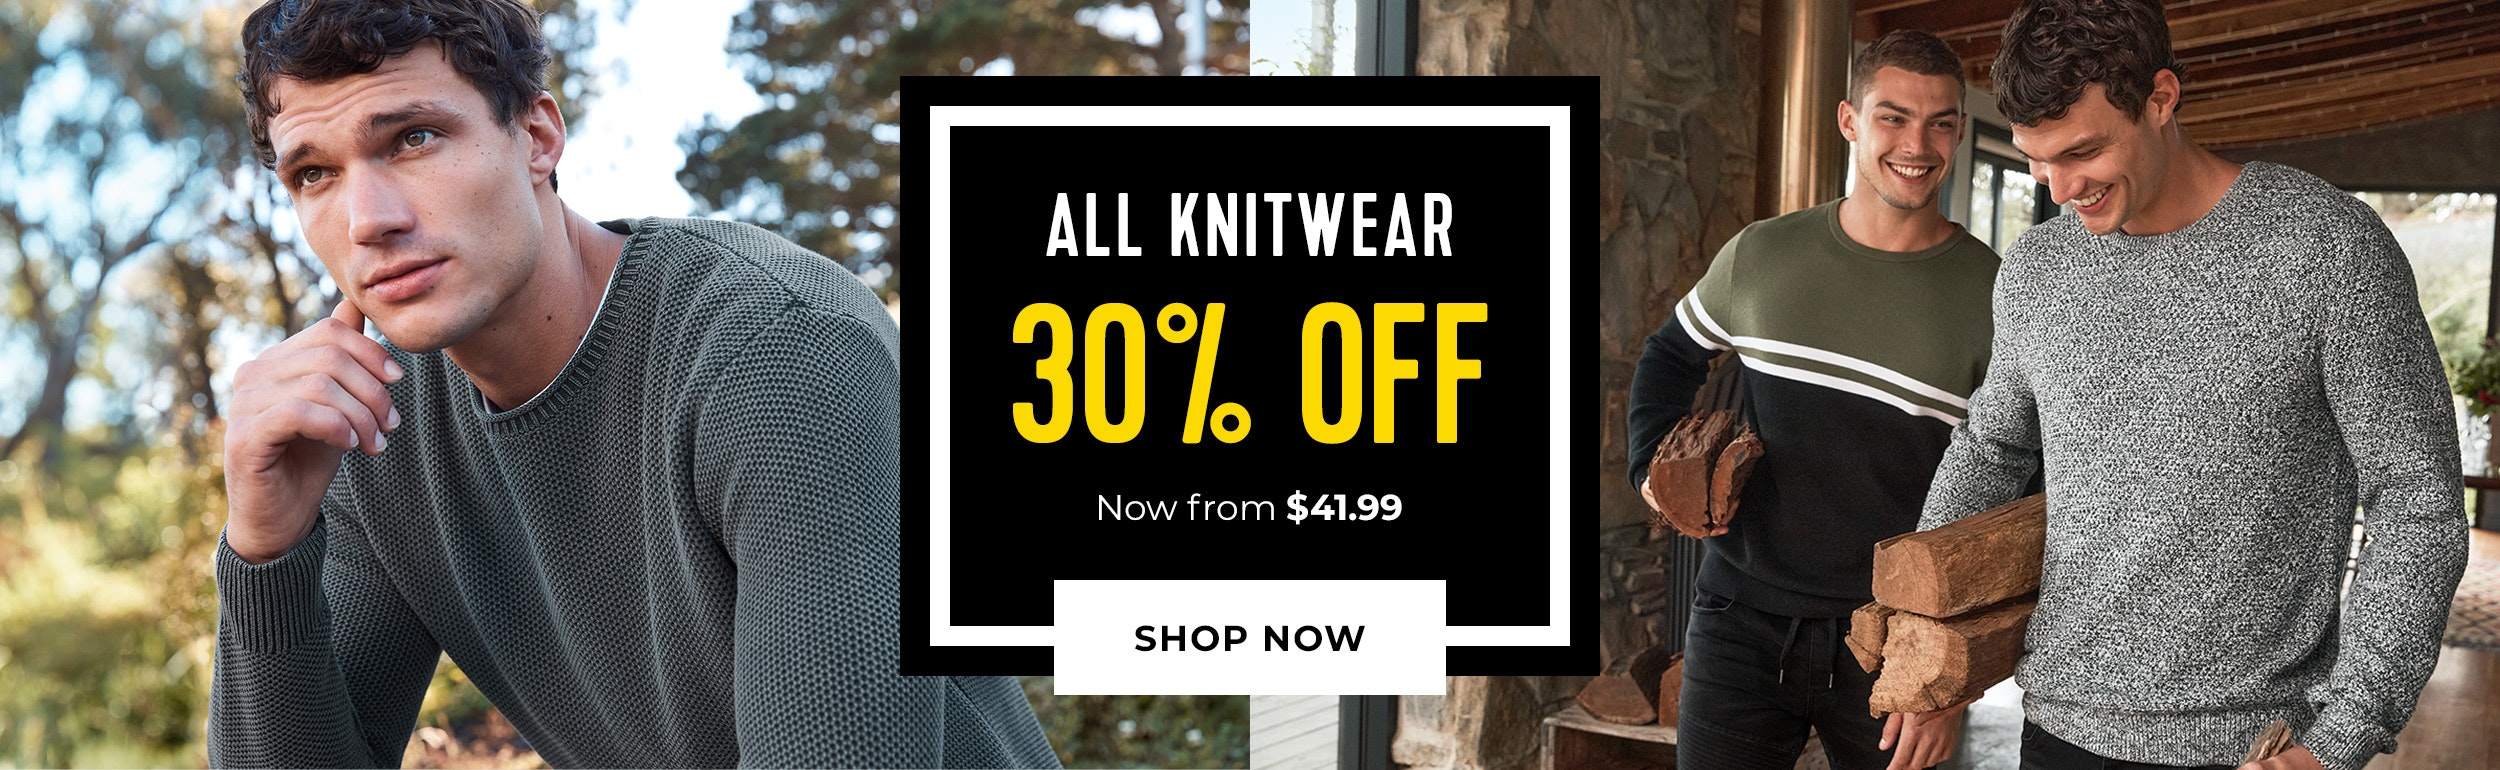 knitwear 30% off